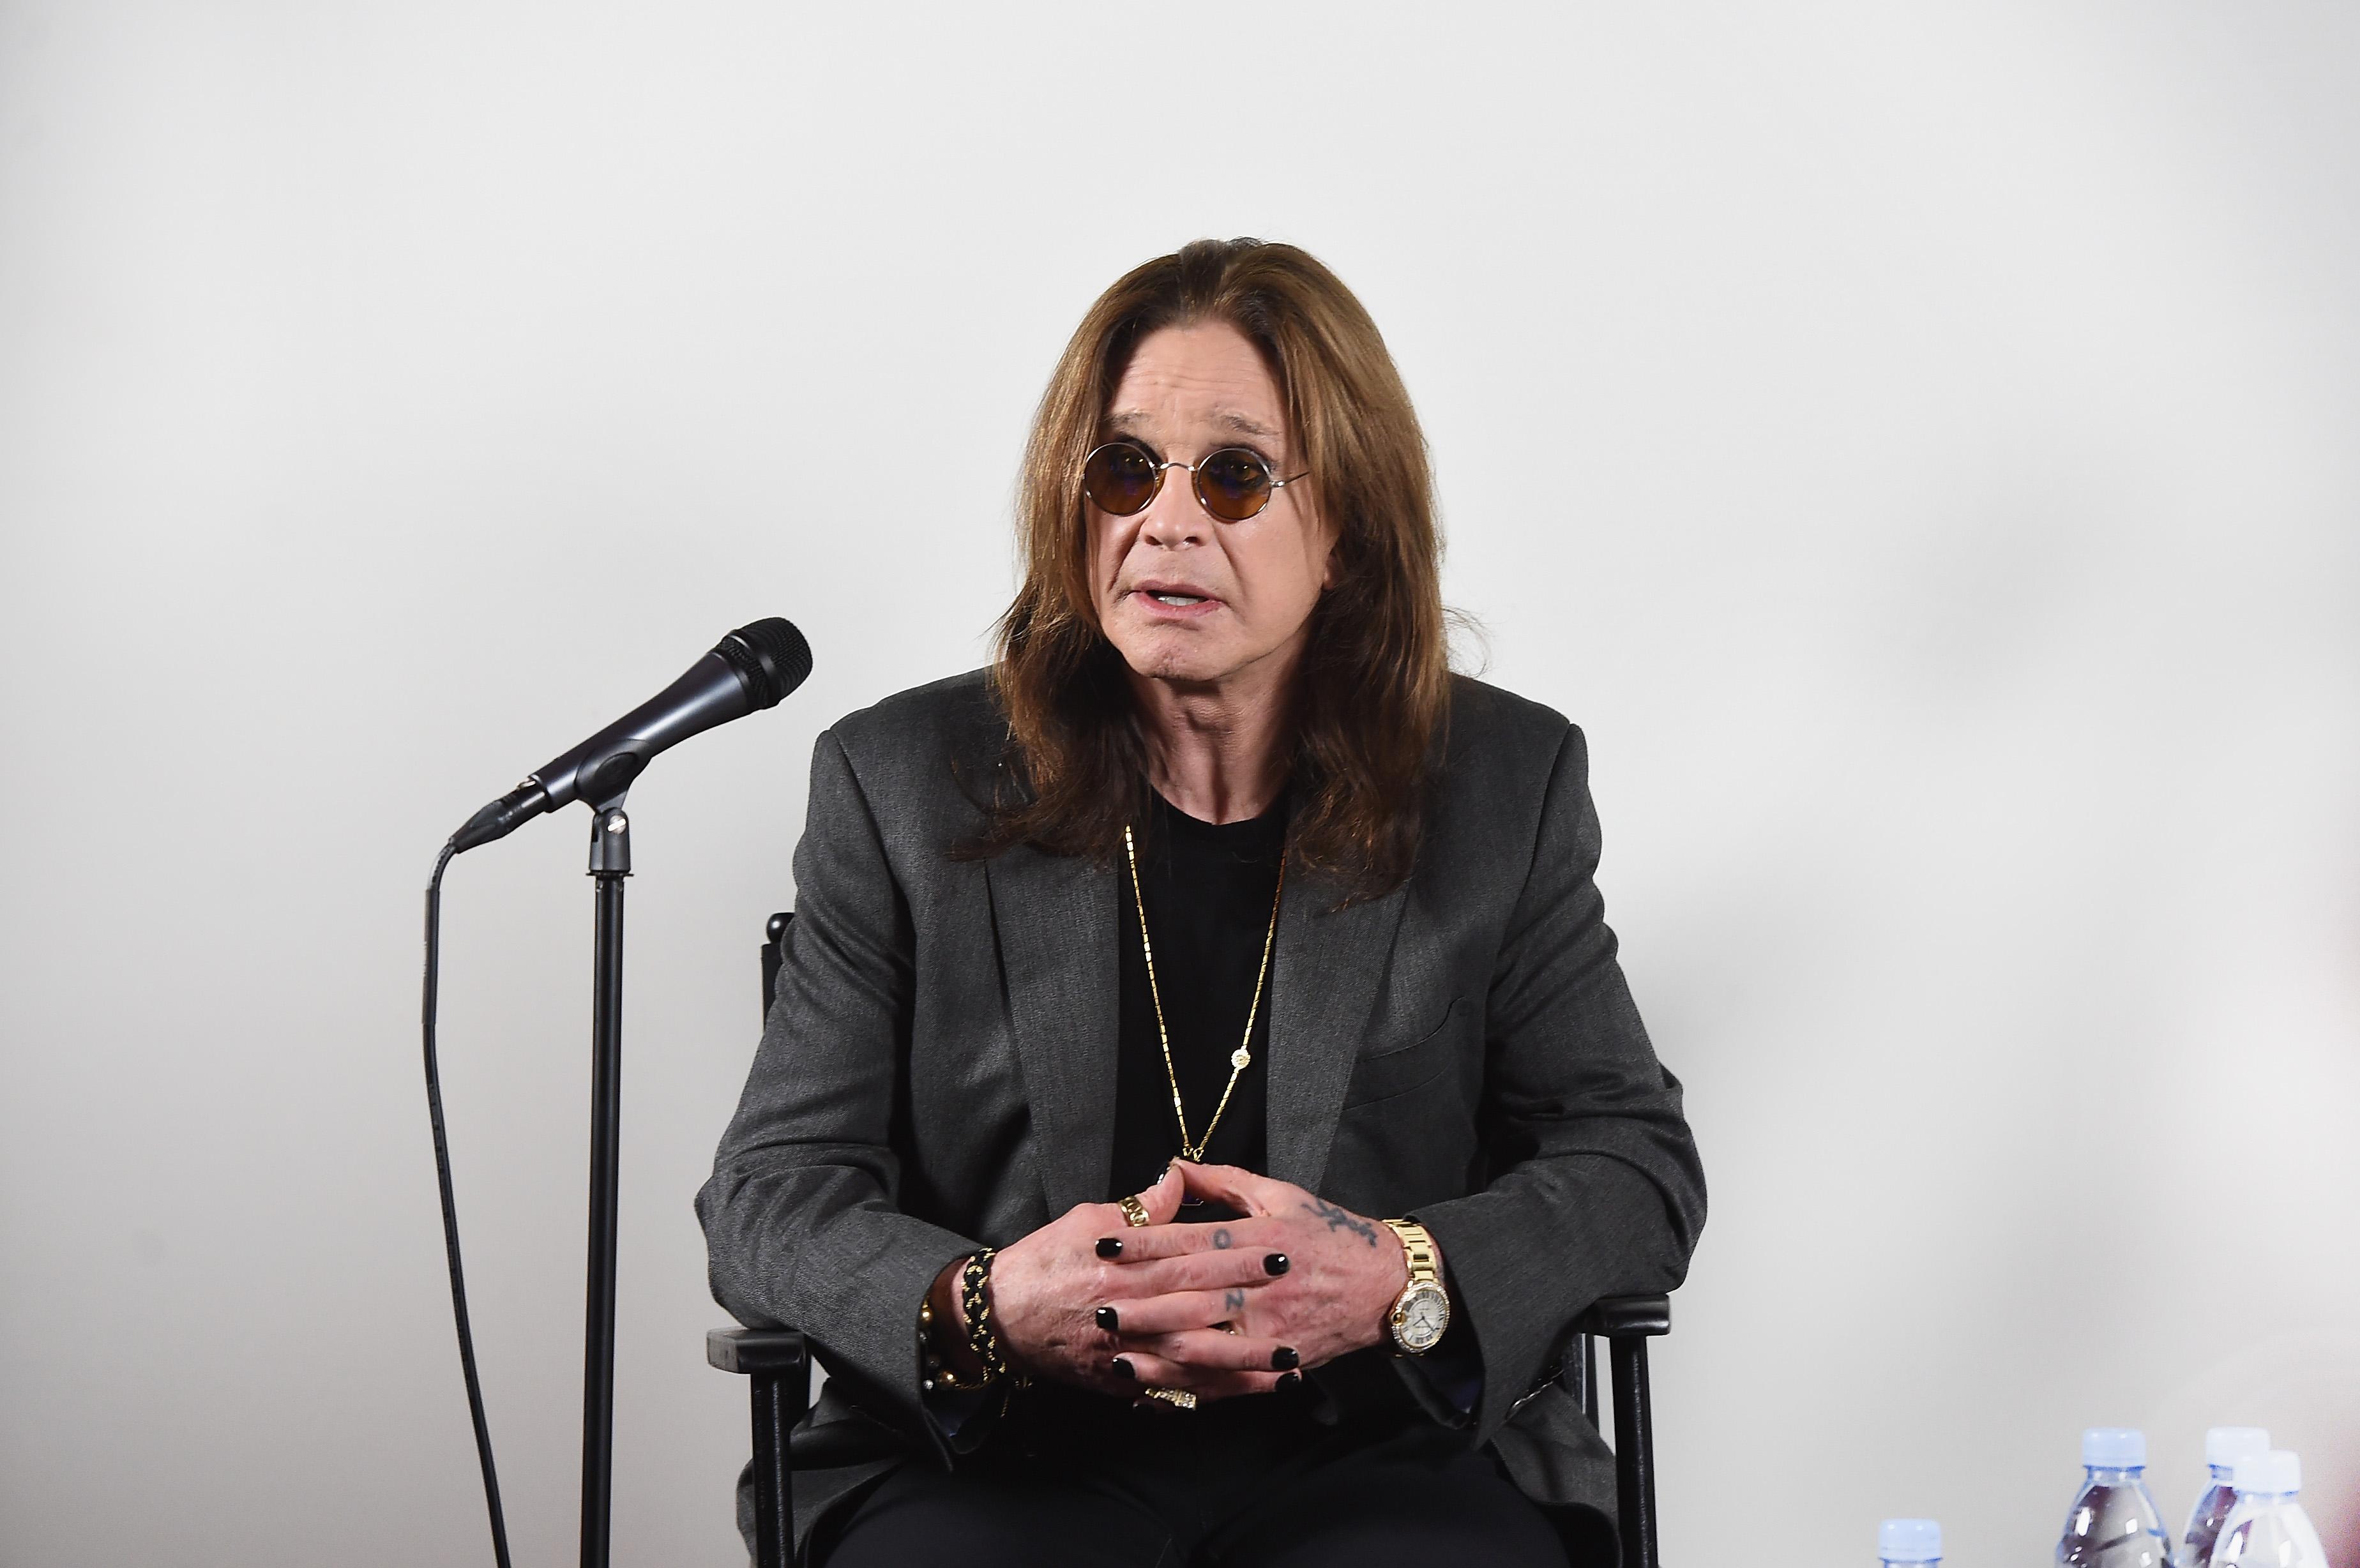 Ozzy Osbourne Postpones Tour Again: 'I'm Not Dying'